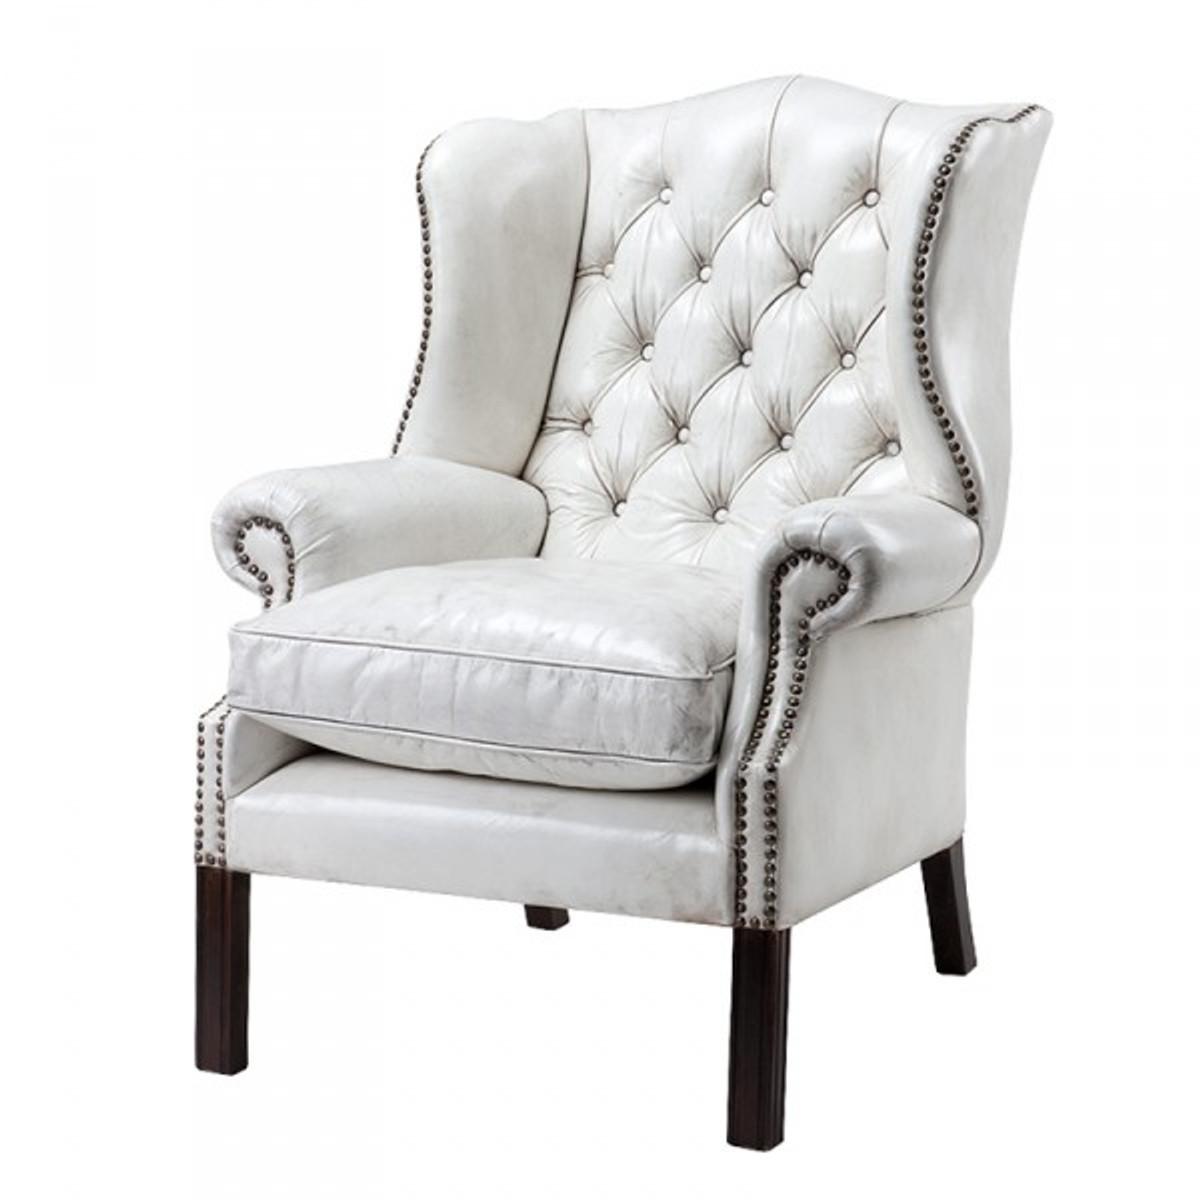 Luxus Echtleder Ohrensessel Chesterfield Vintage Weiß Sessel Mit